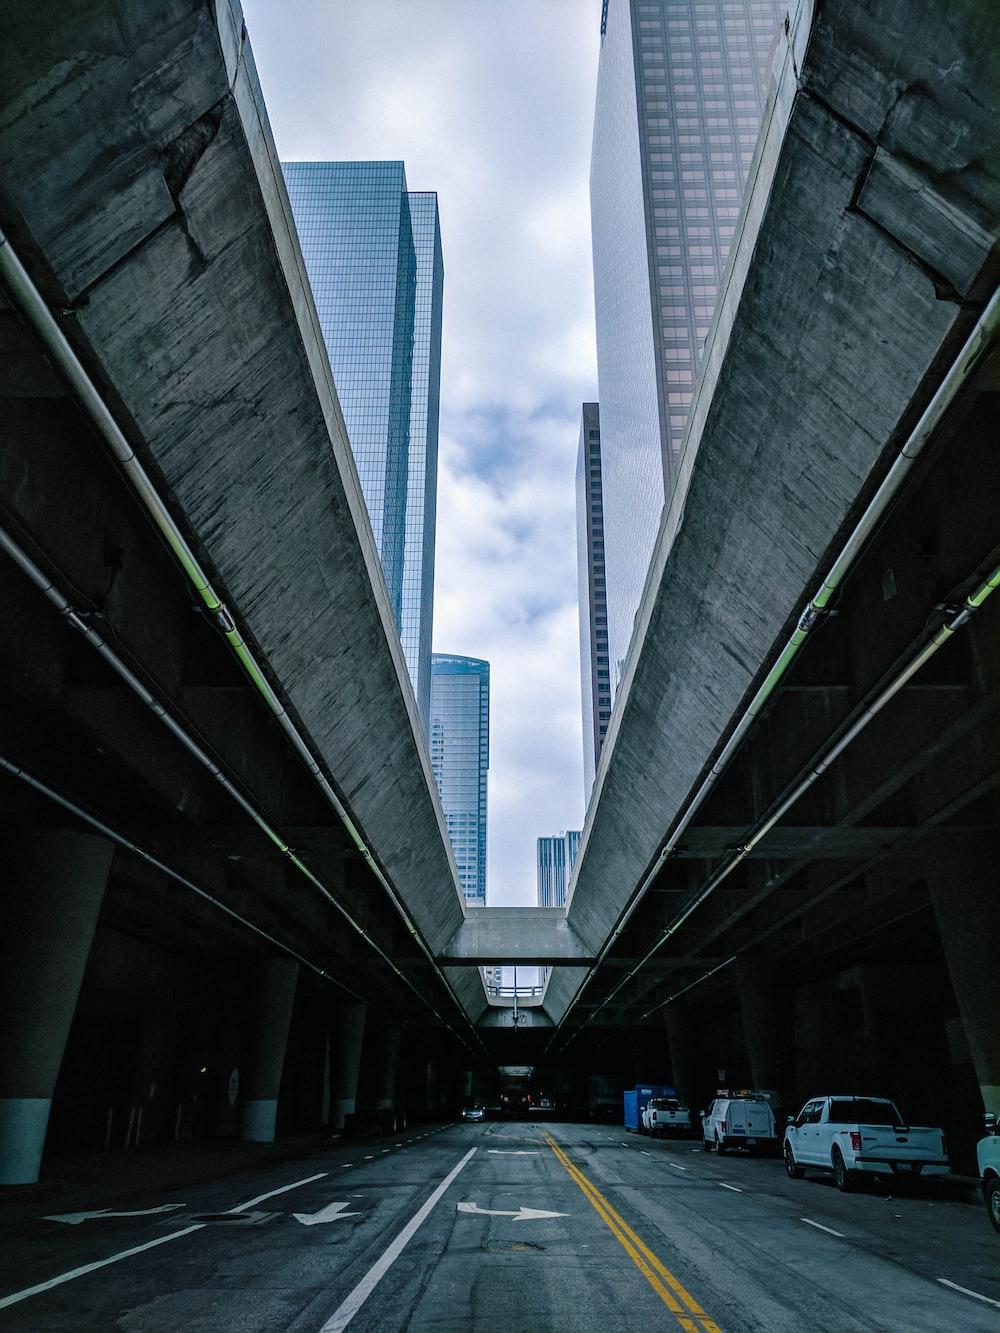 underground highway at city during daytime